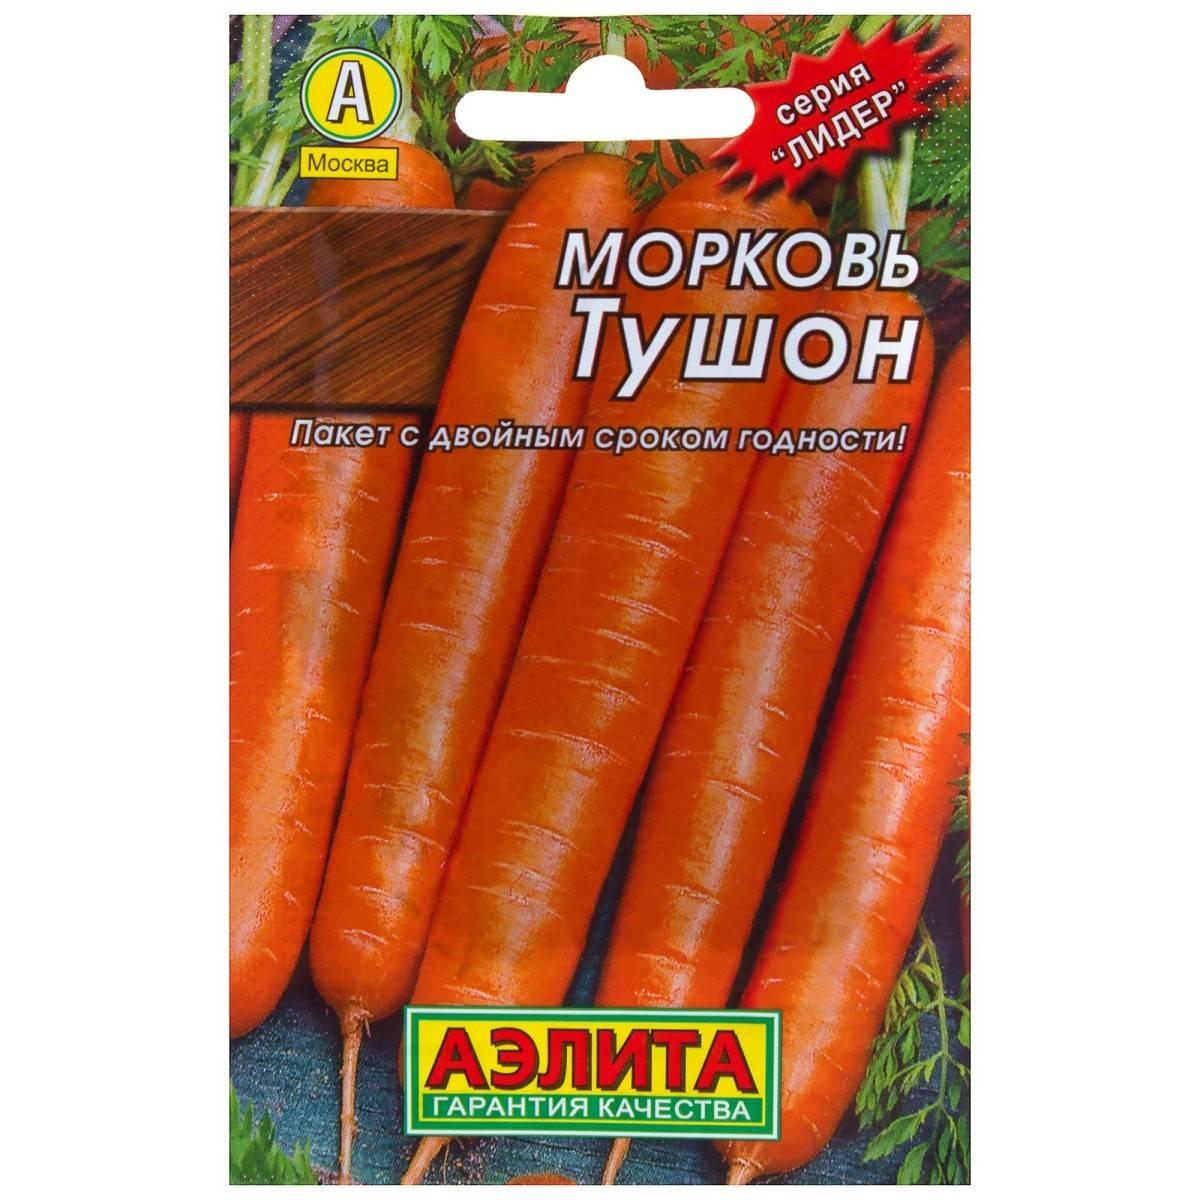 Сорт моркови тушон